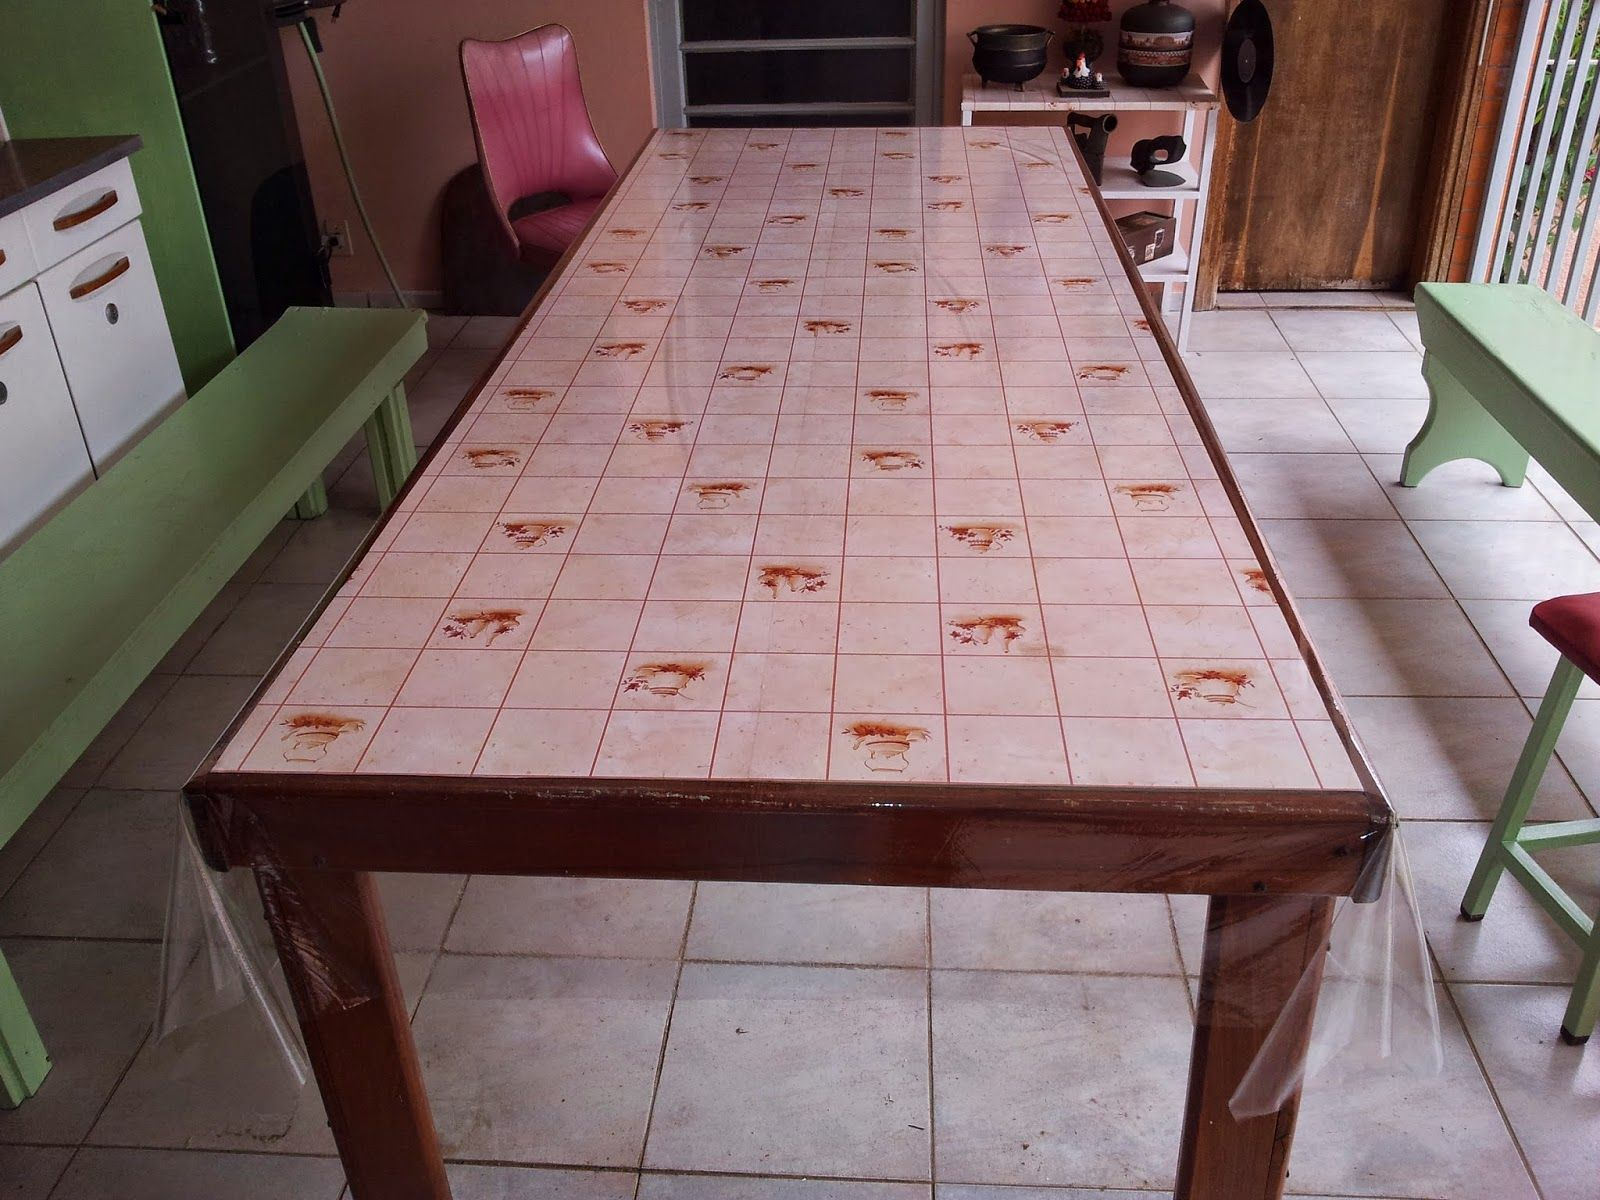 Mesa de madeira de demolição e divisória de vidro temperado. http://oficinadoquintal.blogspot.com.br/2014/06/como-fazer-uma-mesa-usando-vidro.html